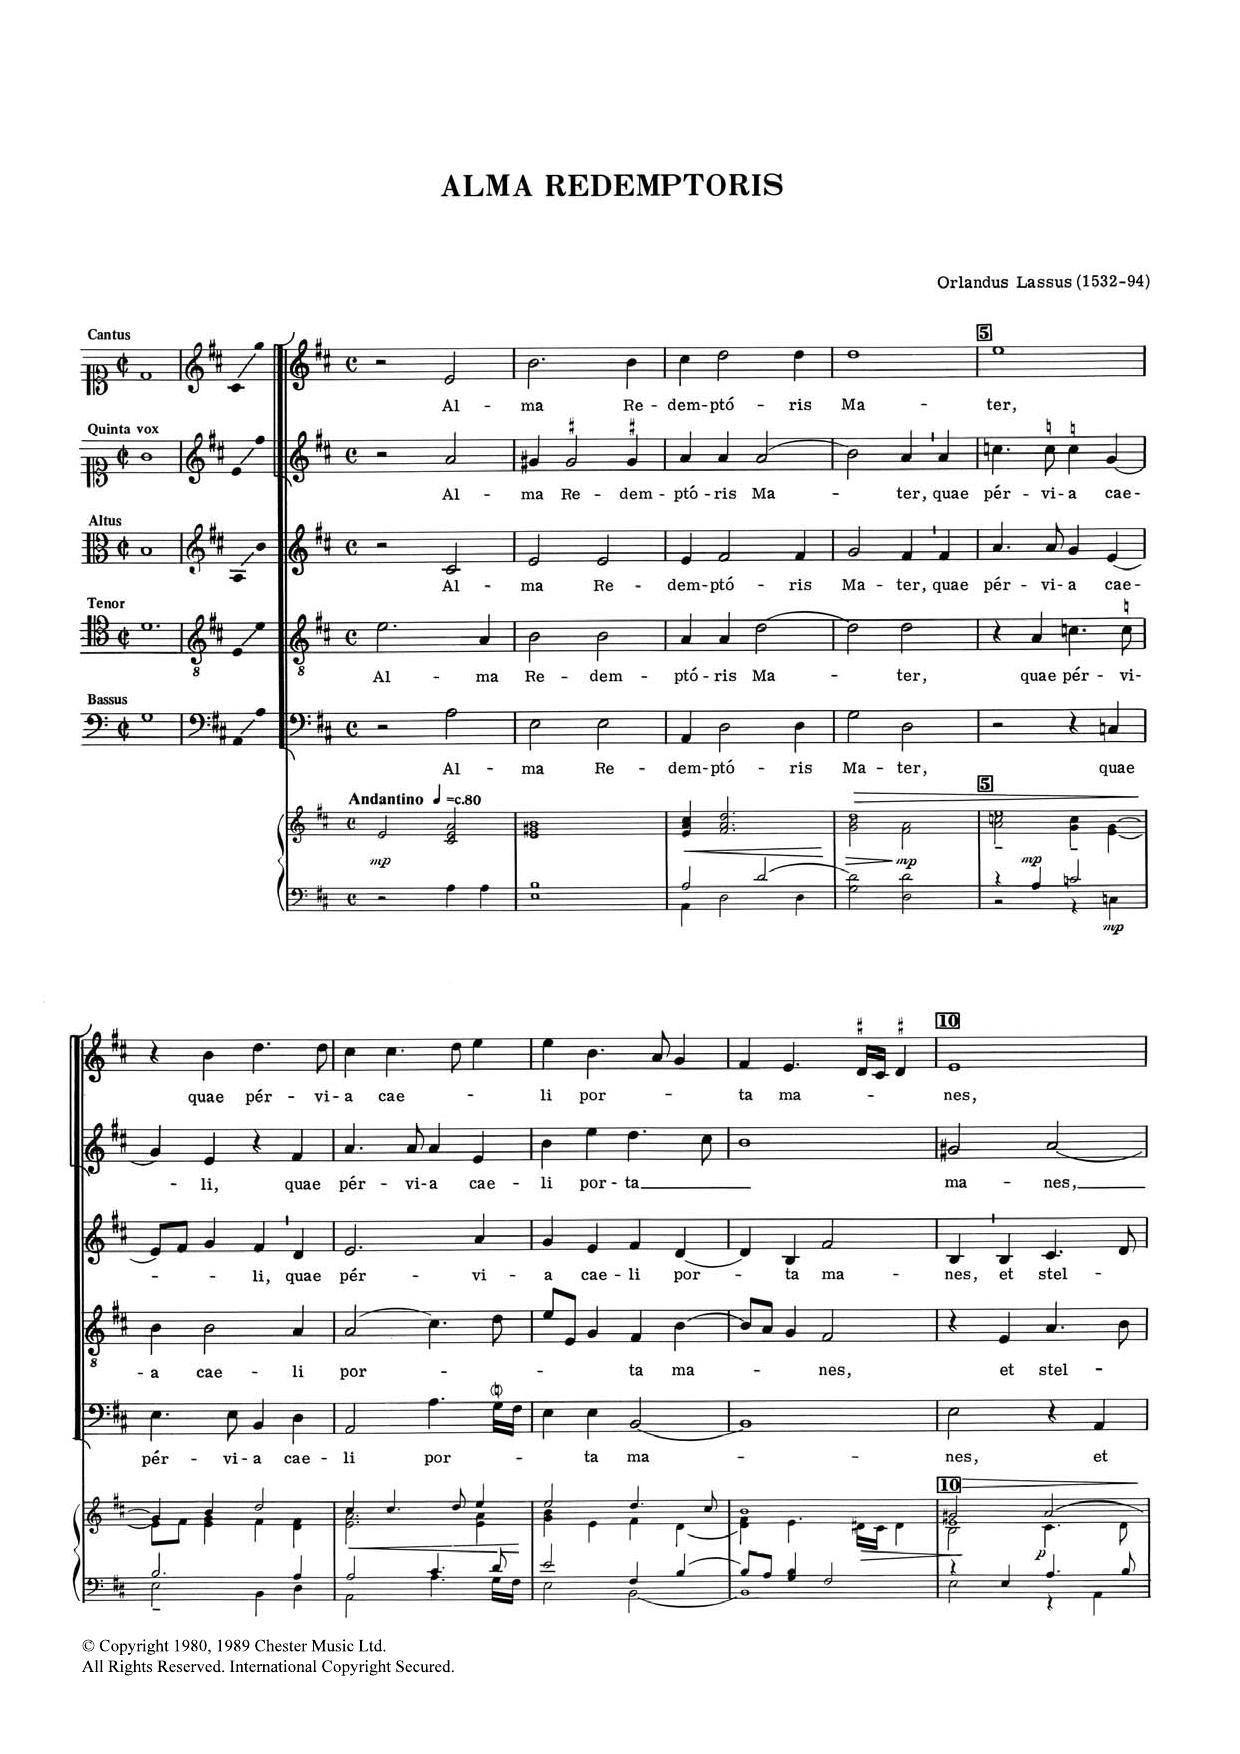 Orlandus Lassus - Alma Redemptoris